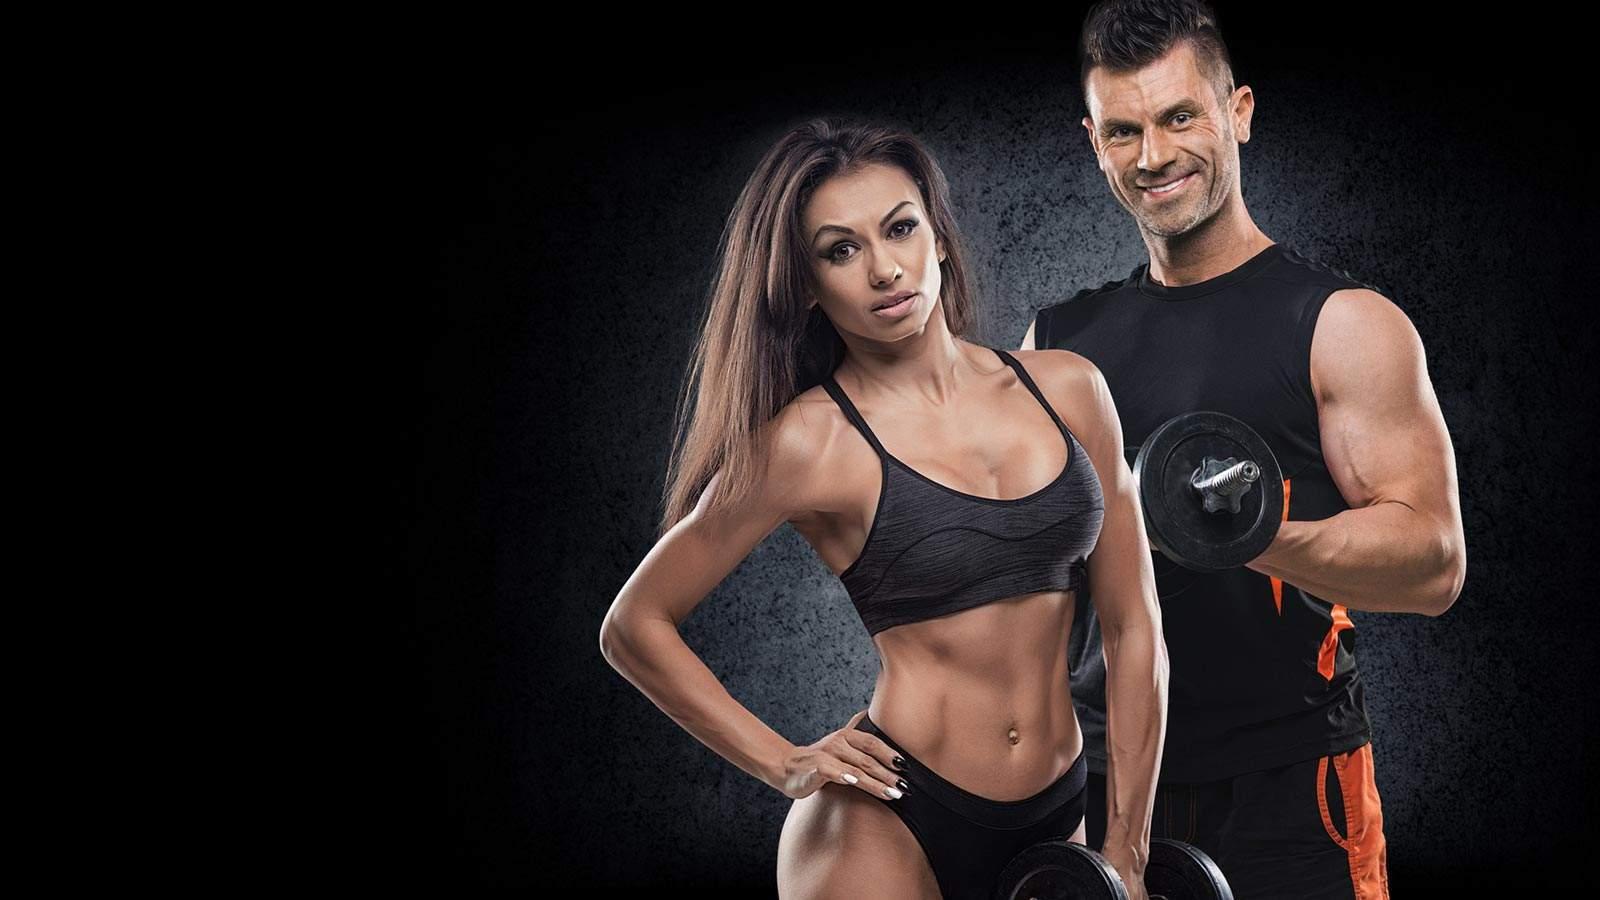 brucia i grassi senza perdere il bodybuilding muscolare